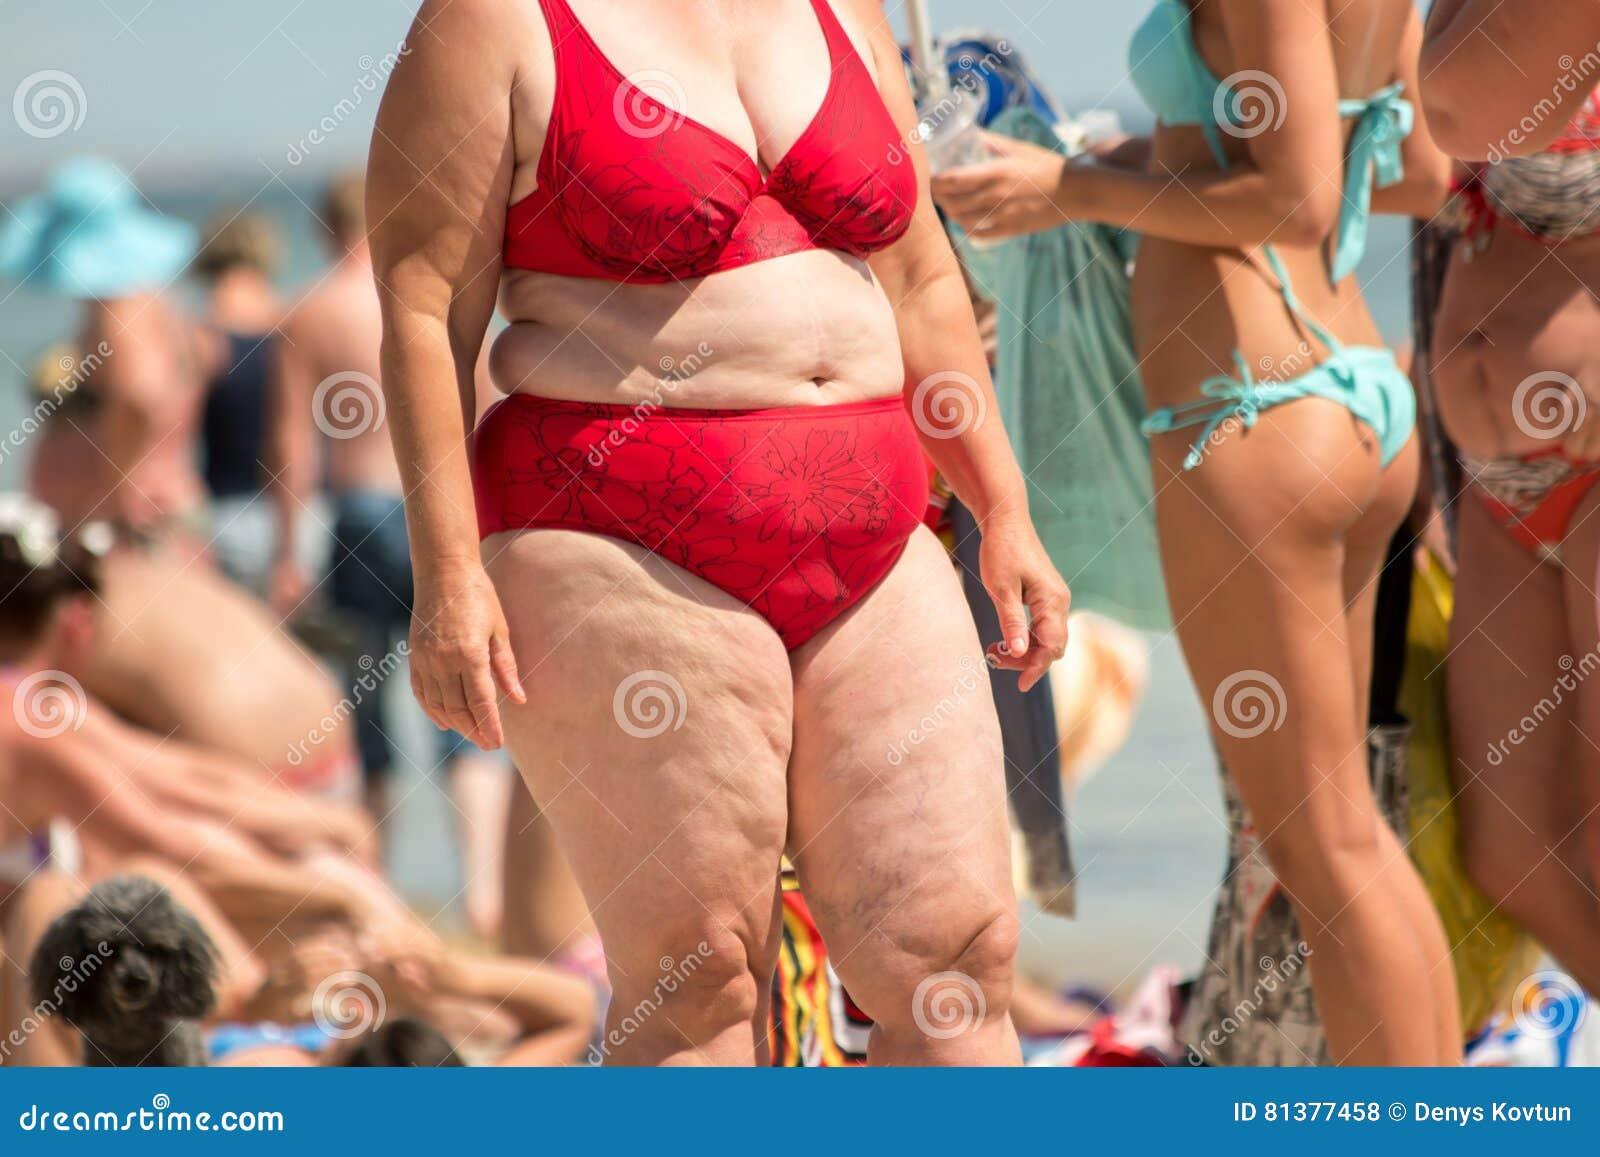 a7603430bbda Mujer Obesa En Traje De Baño Foto de archivo - Imagen de nutrición ...